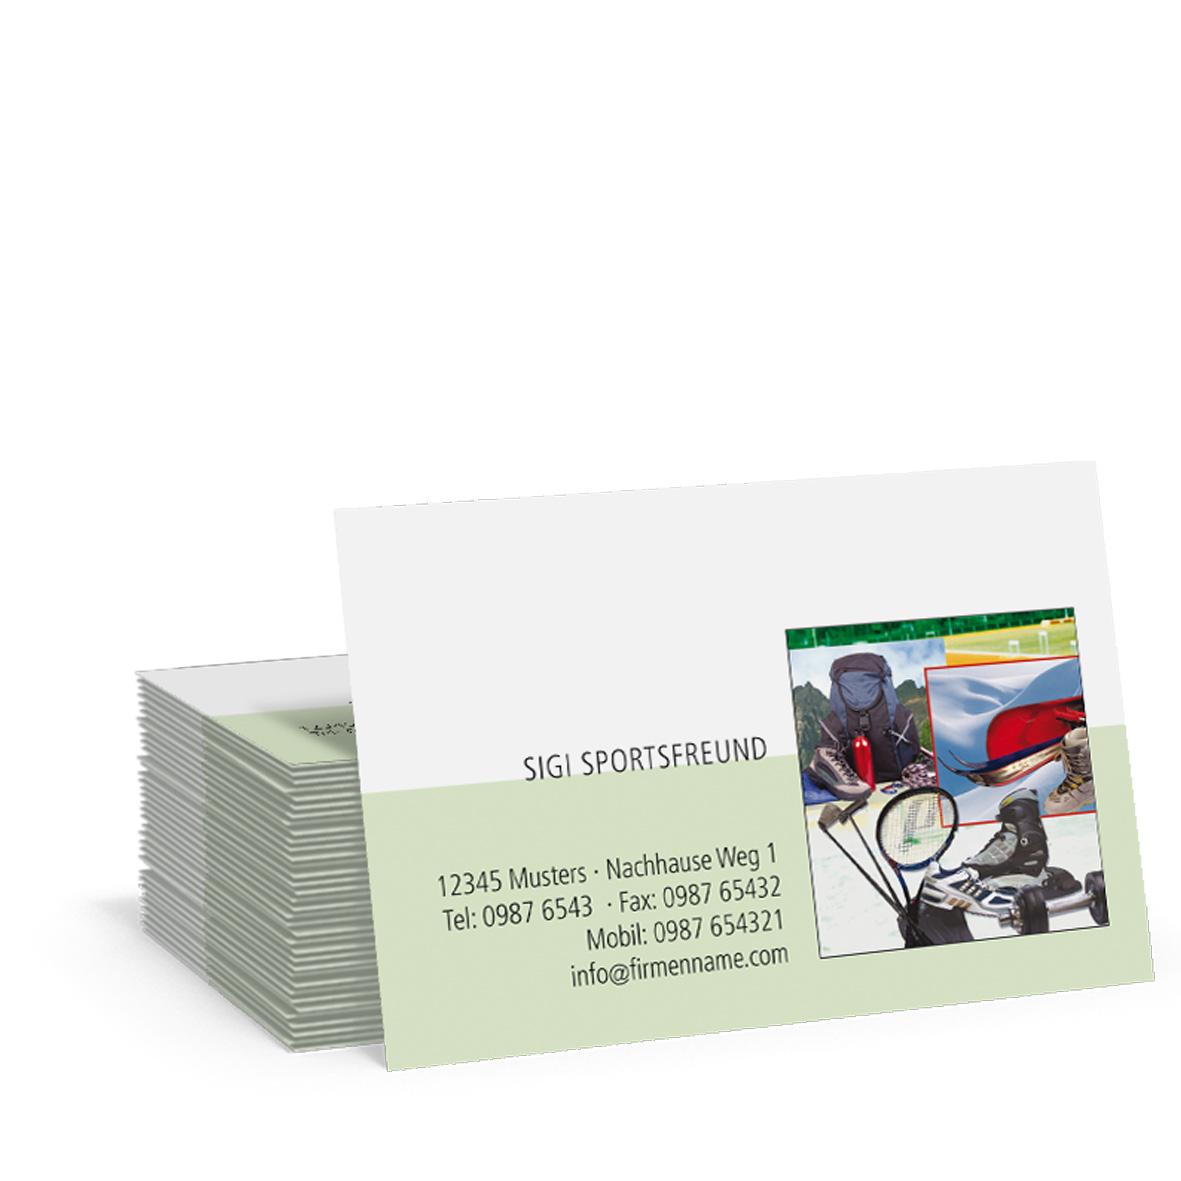 Pythagoras Marketing Gmbh Visitenkarte Sporthandel Geschenkgutscheine Visitenkarten Kundenkarten Und Weitere Treuesysteme